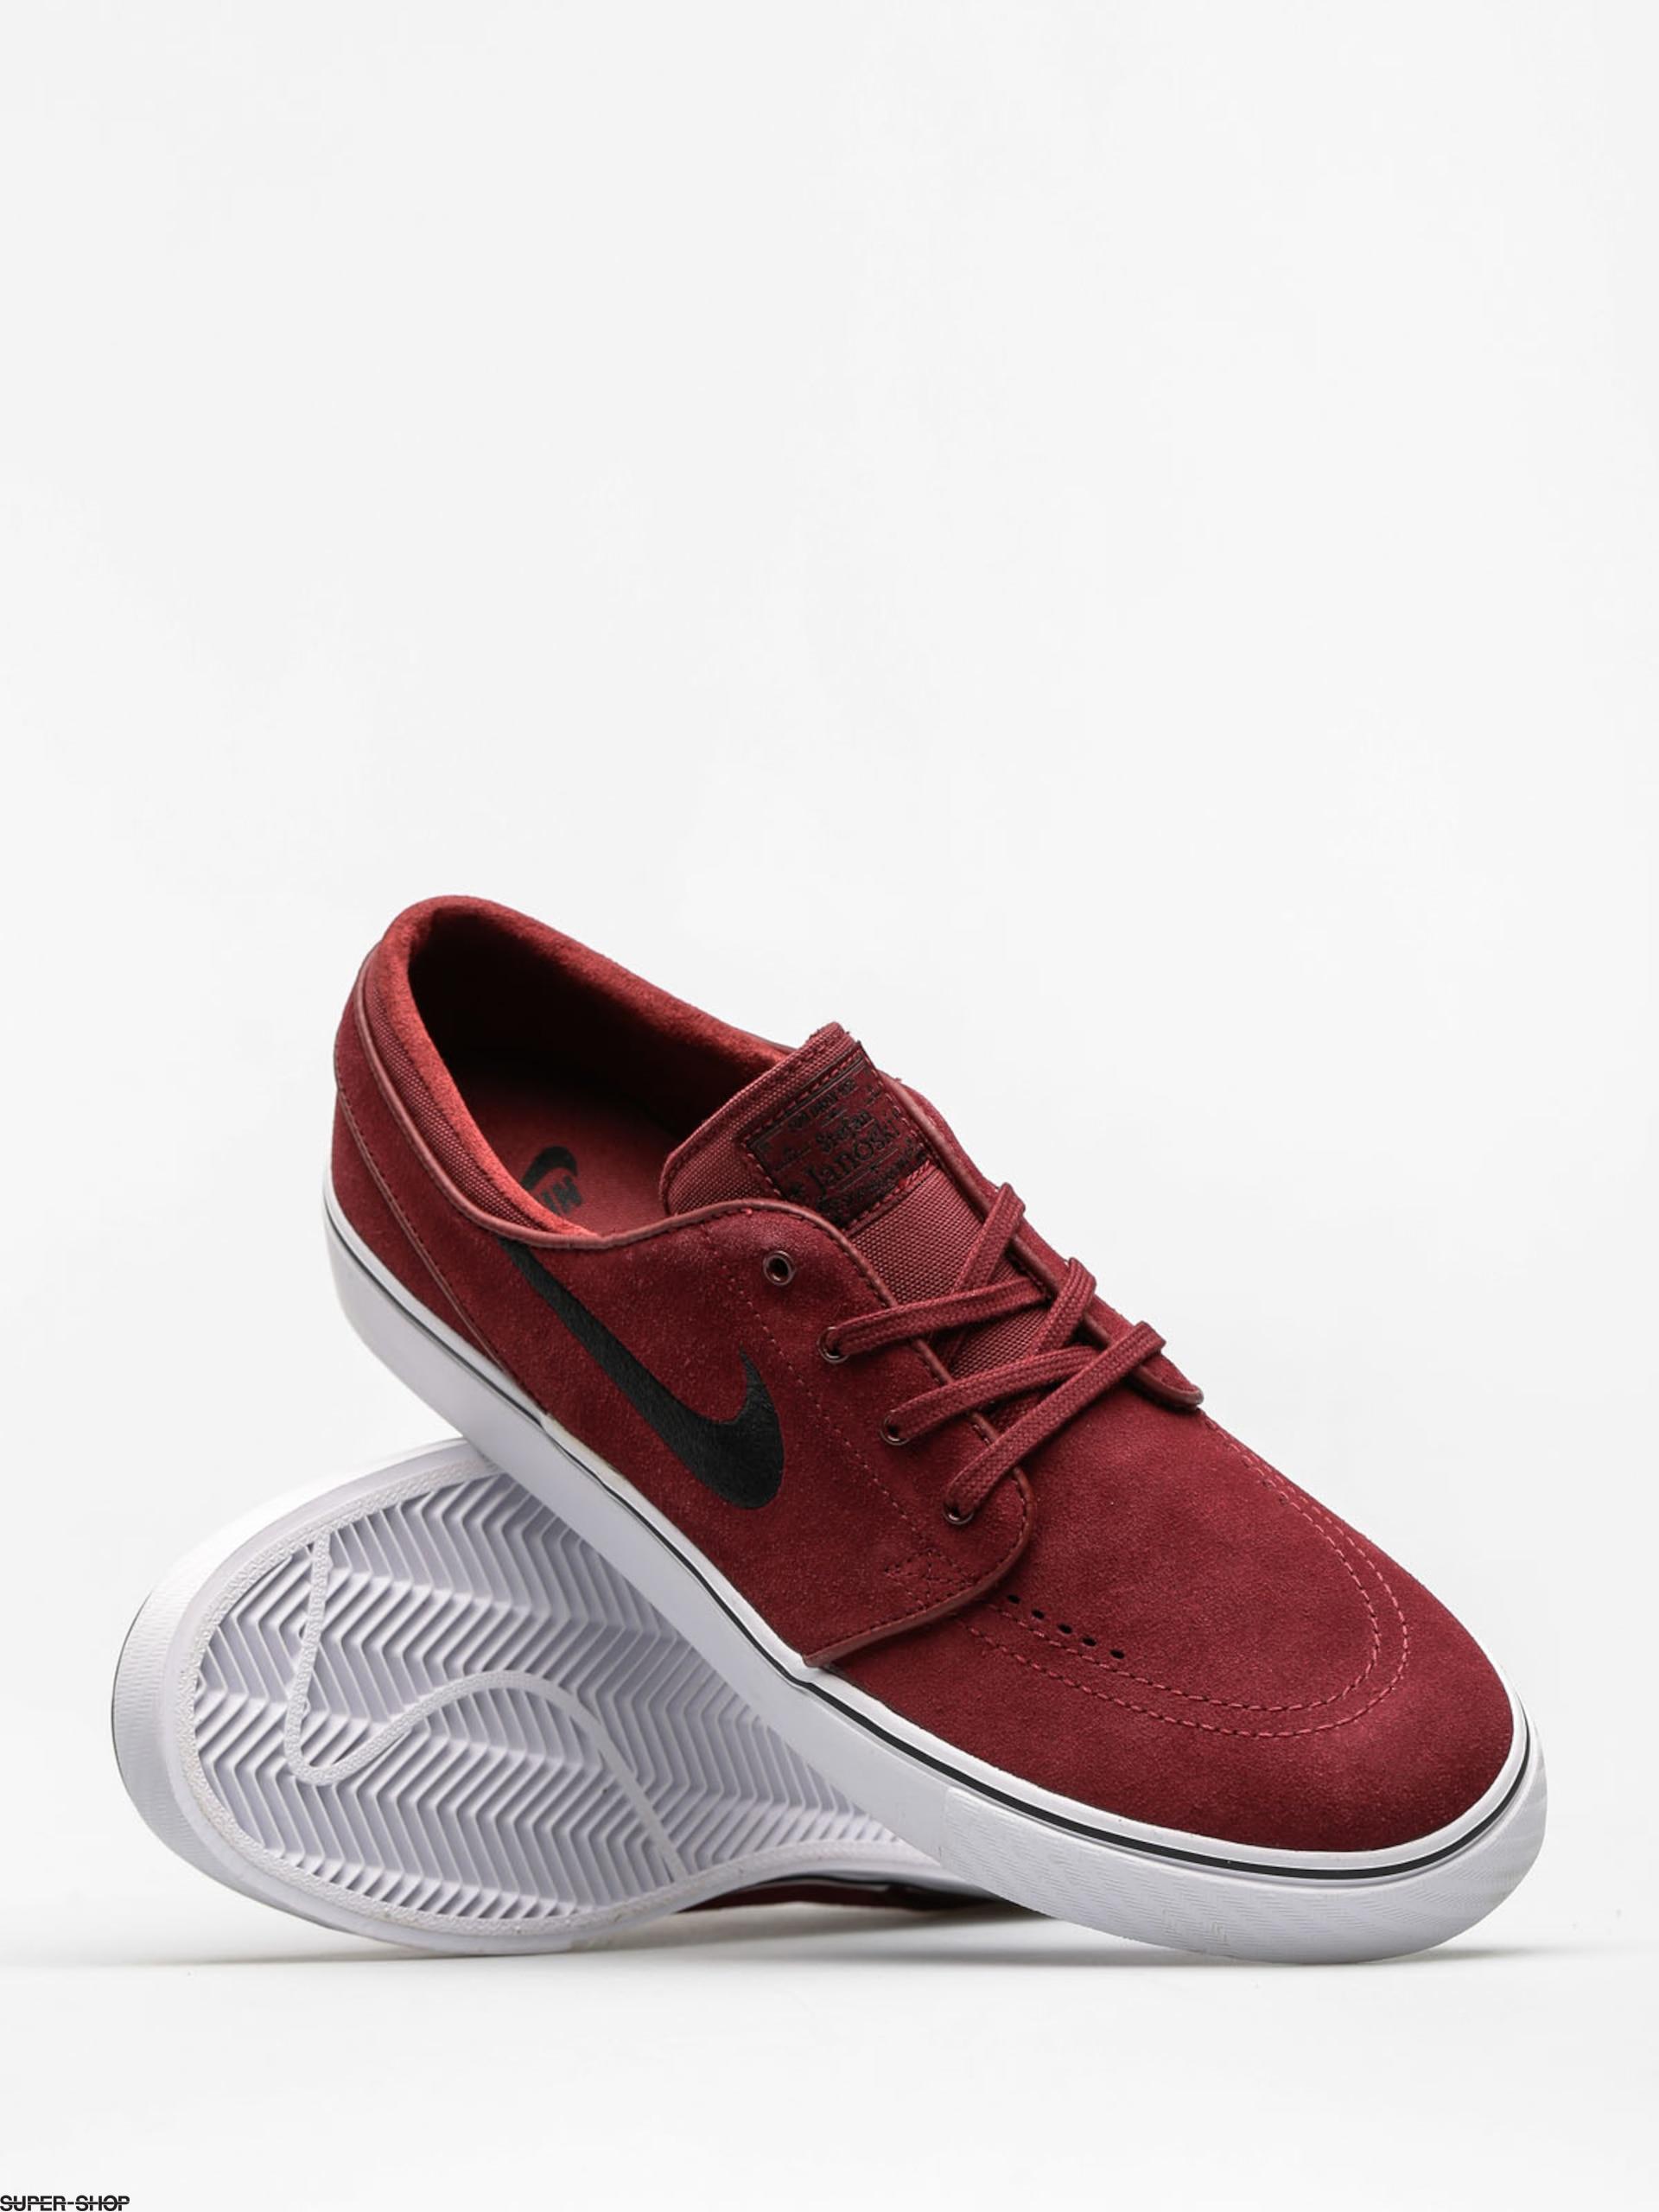 Zoom Stefan Sb Redblack Nike Janoskidark Team Shoes Lq4AR5j3